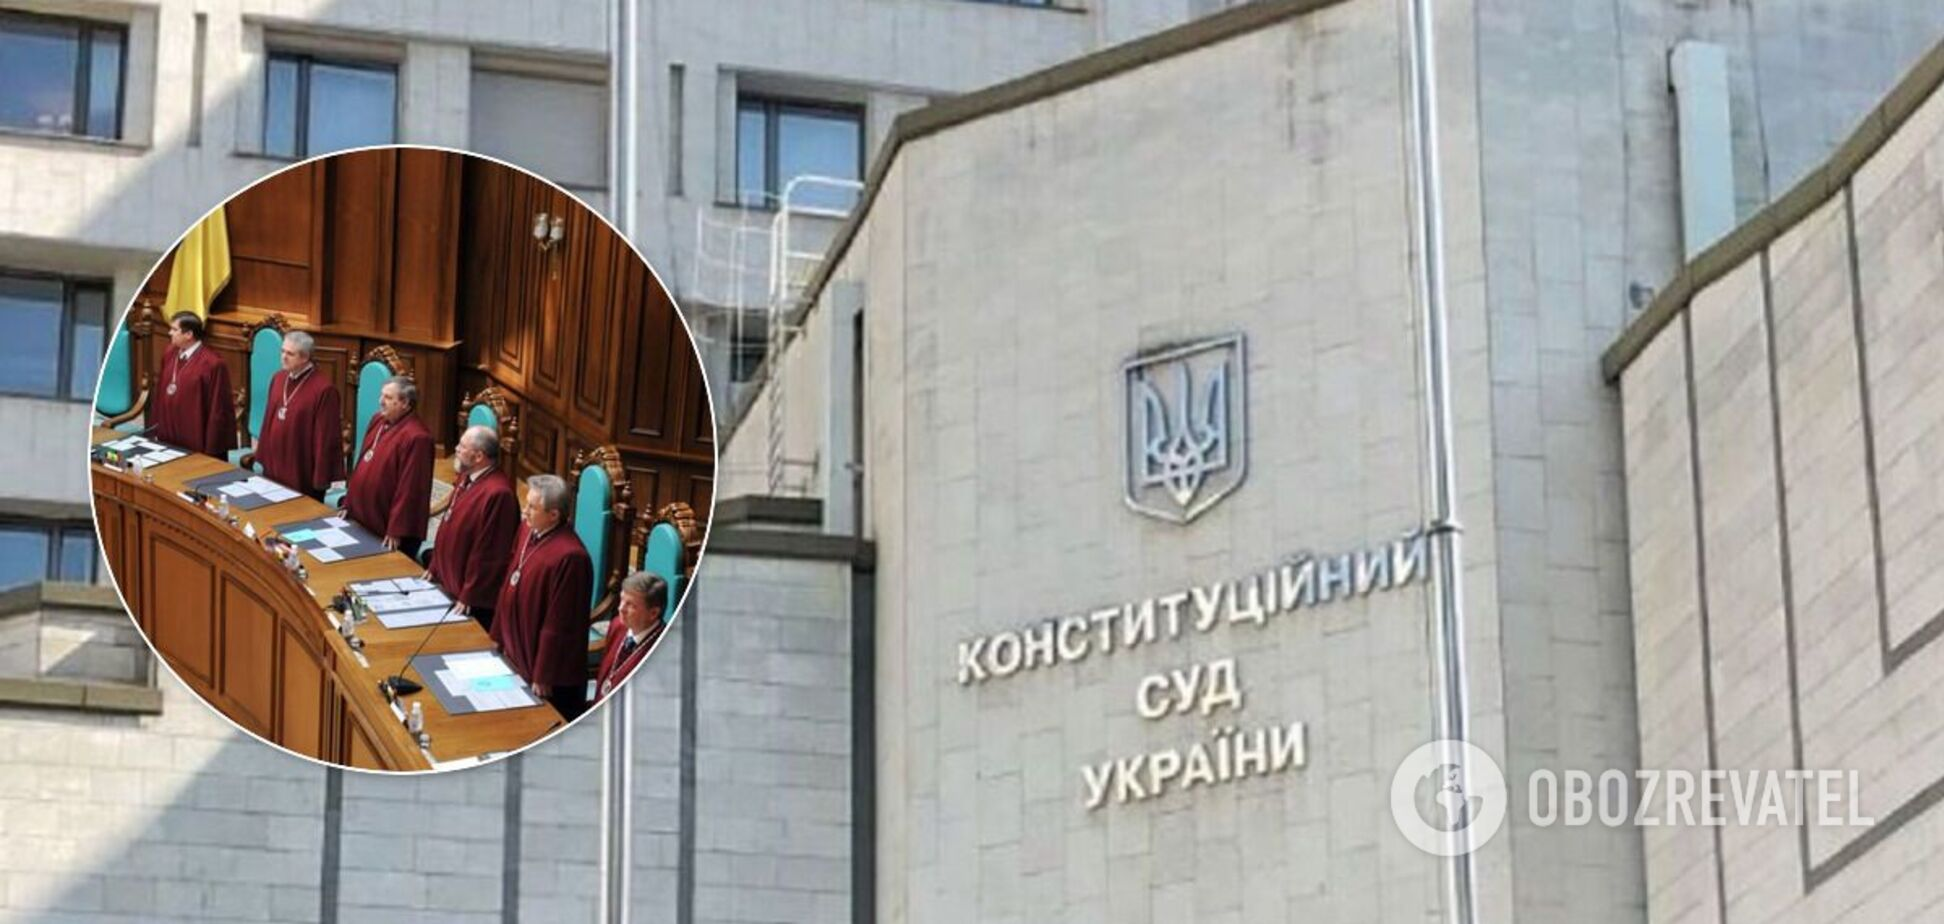 Роспуск КСУ приведет к федерализации на уровне госорганов, – эксперт